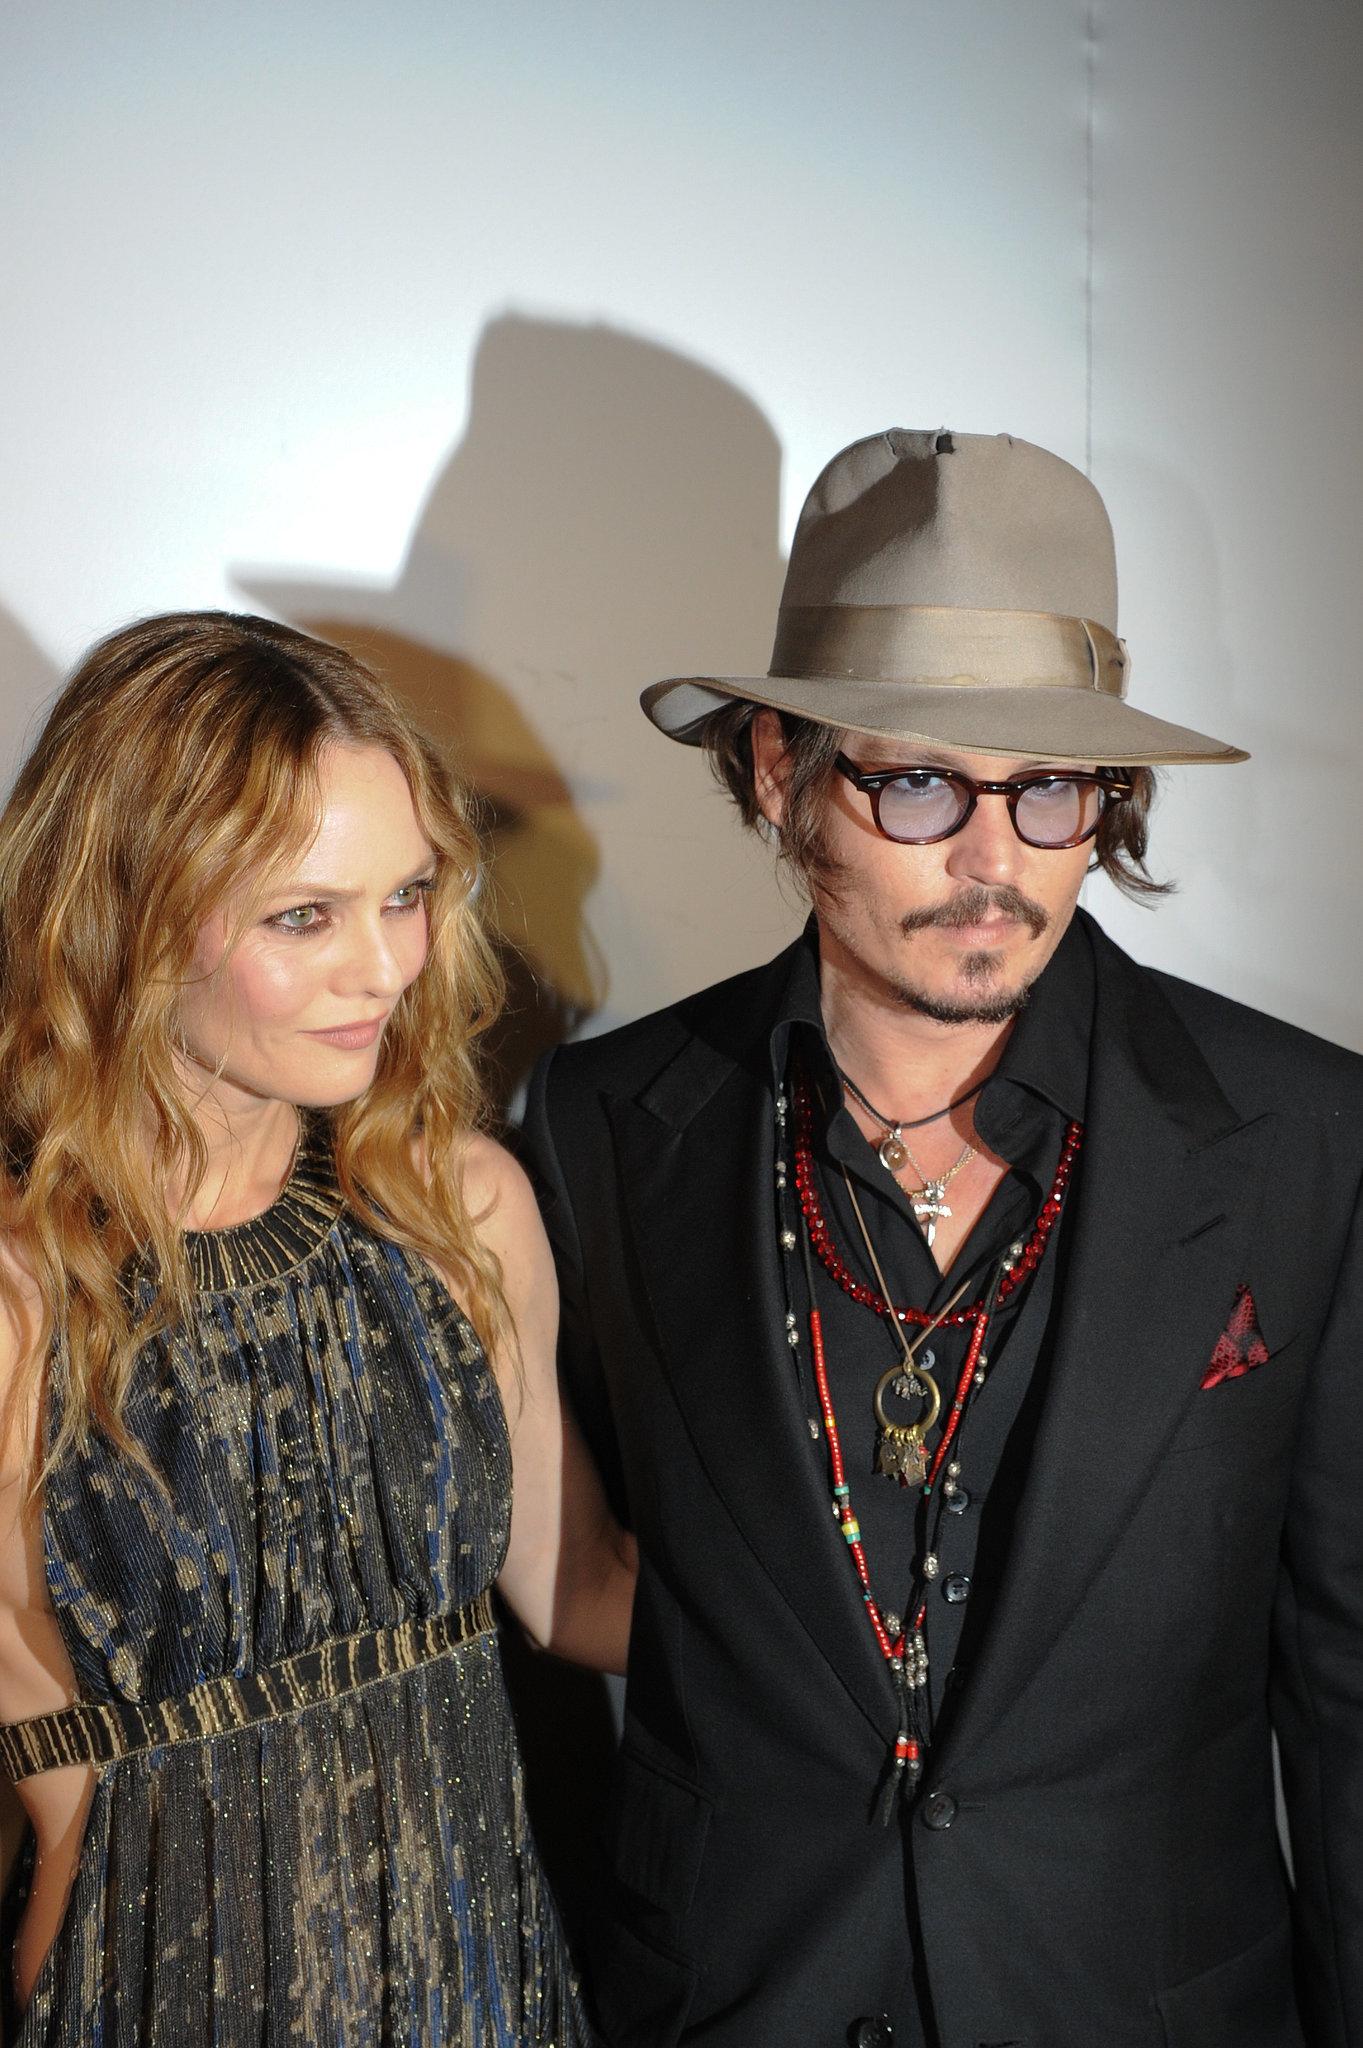 Johnny Depp and Vanessa Paradis